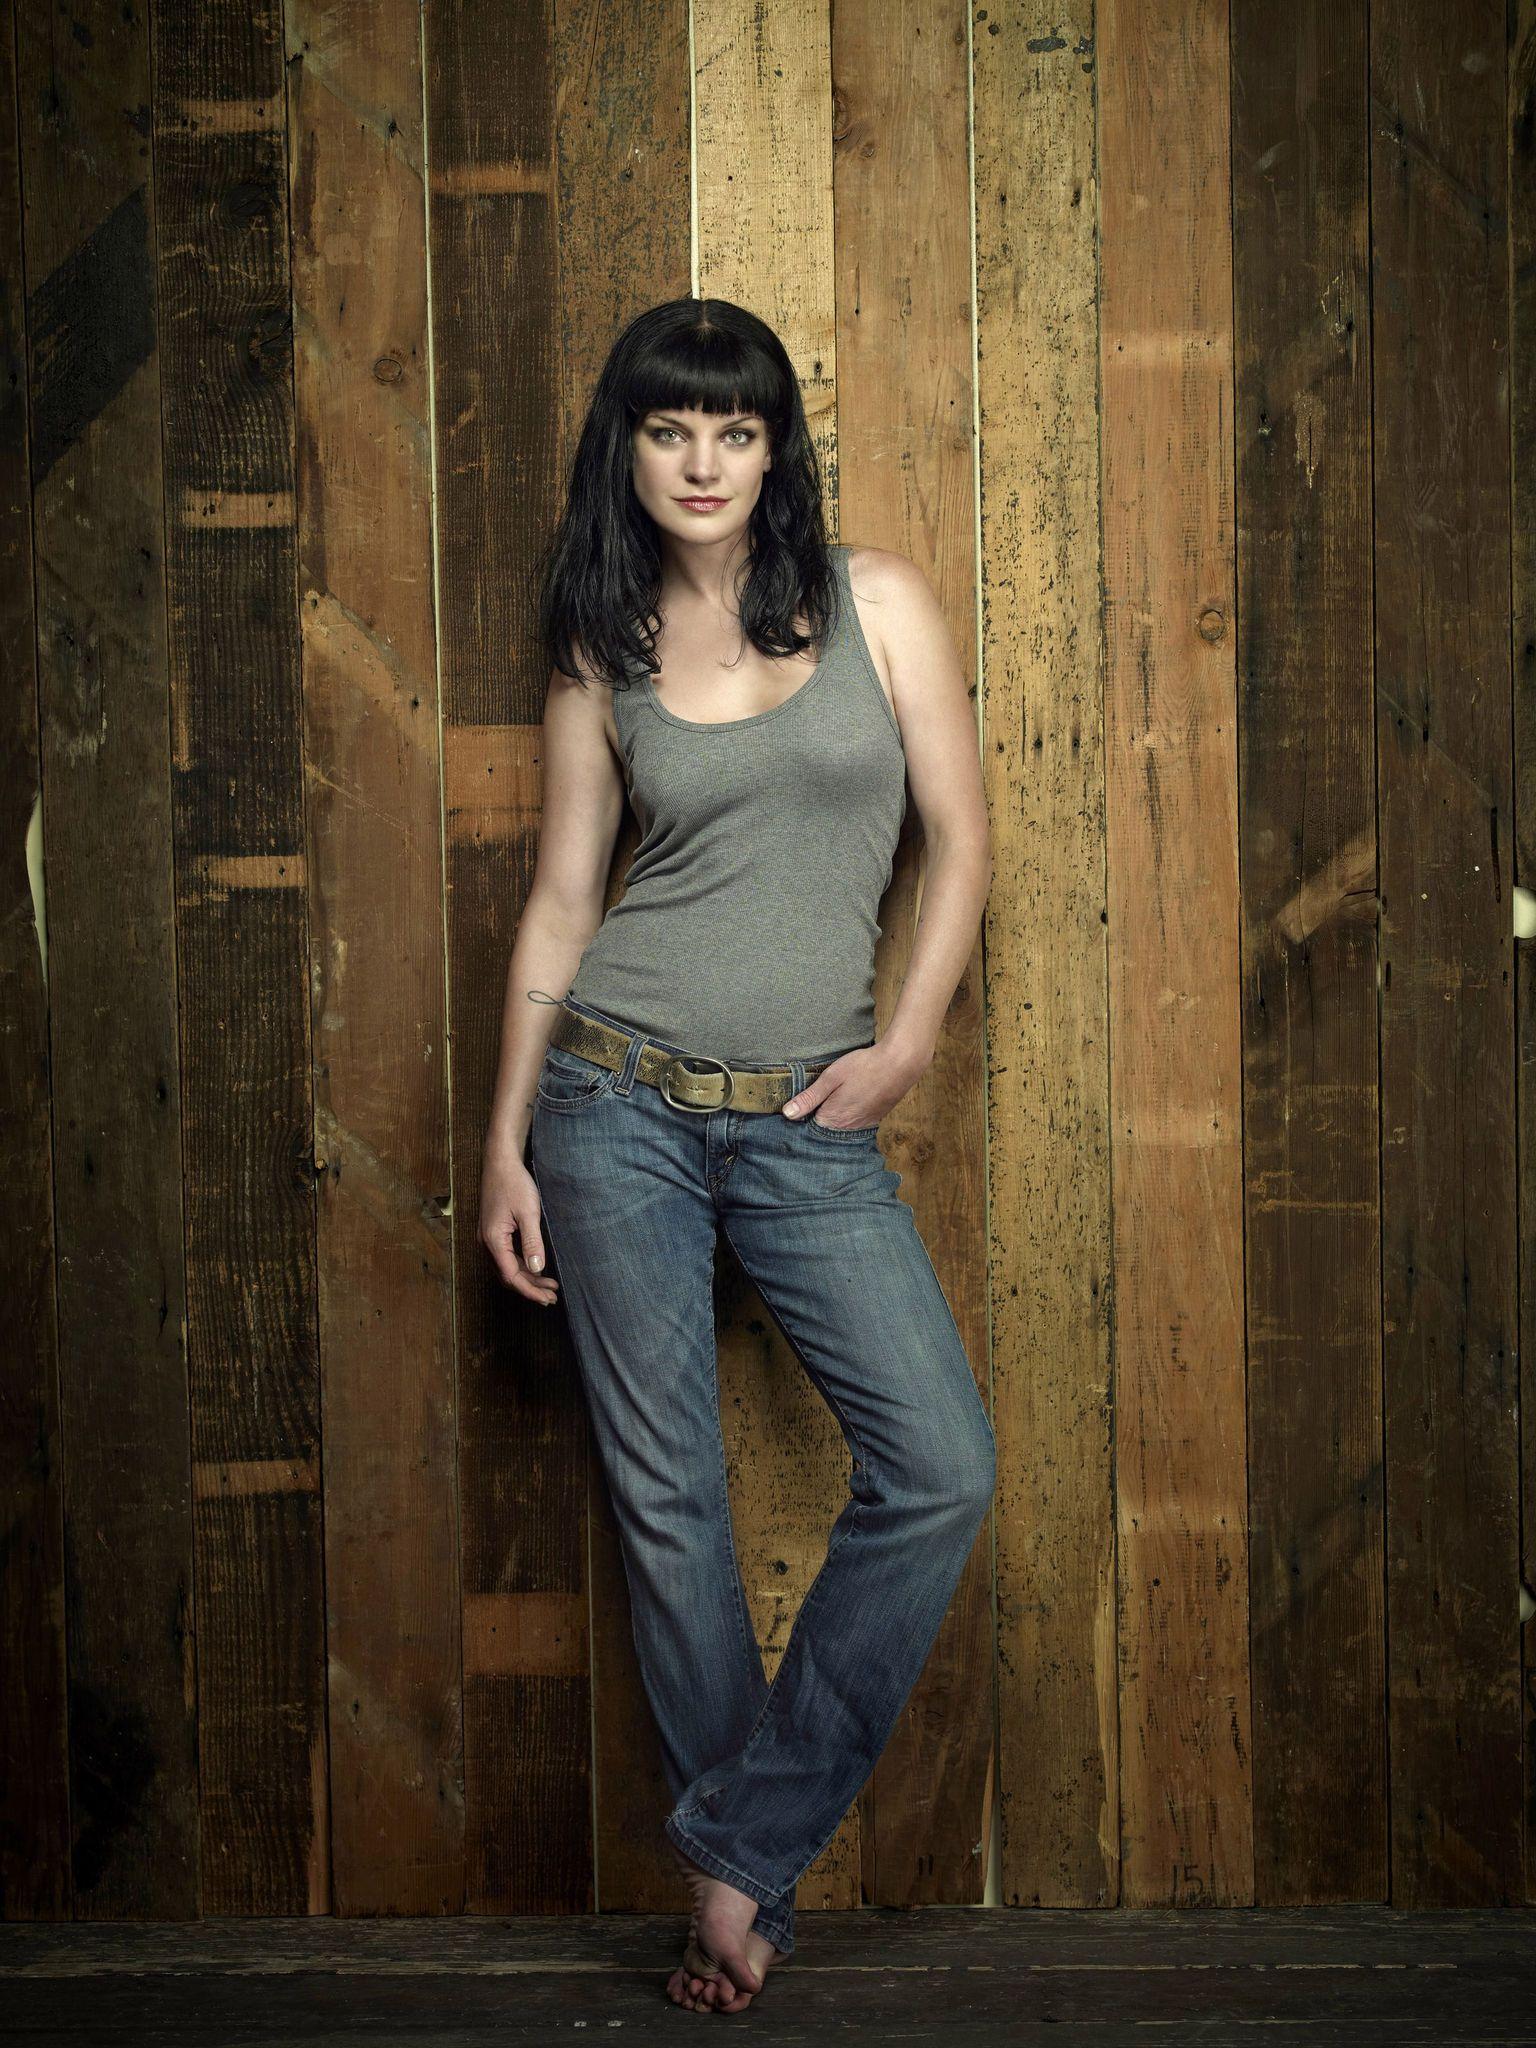 NCIS: Abby Sciuto (Pauley Perrette): Season 8 promo shoot